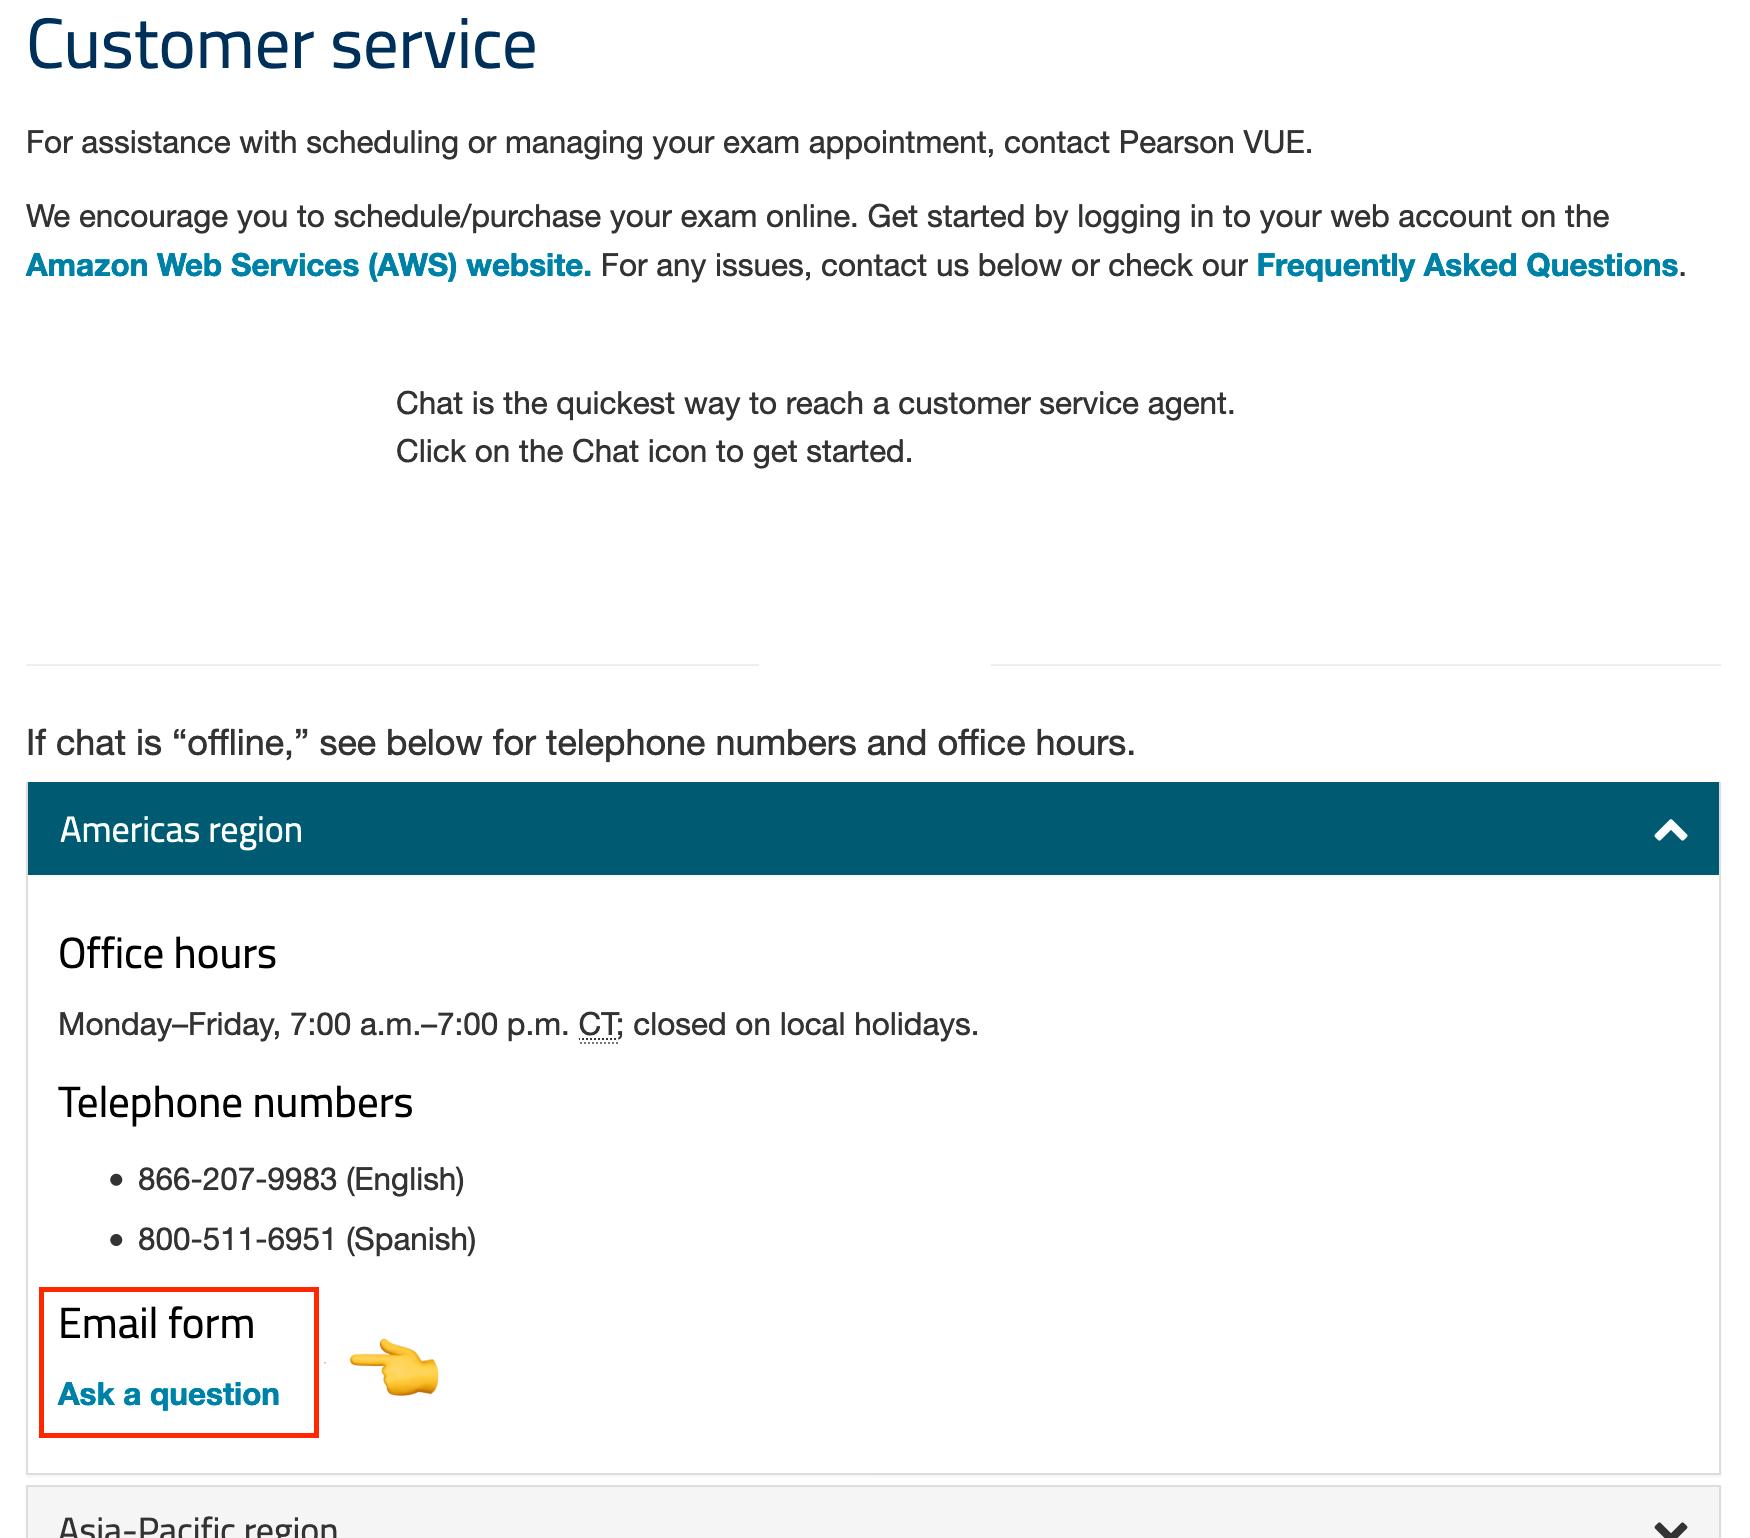 Pearson VUE customer service